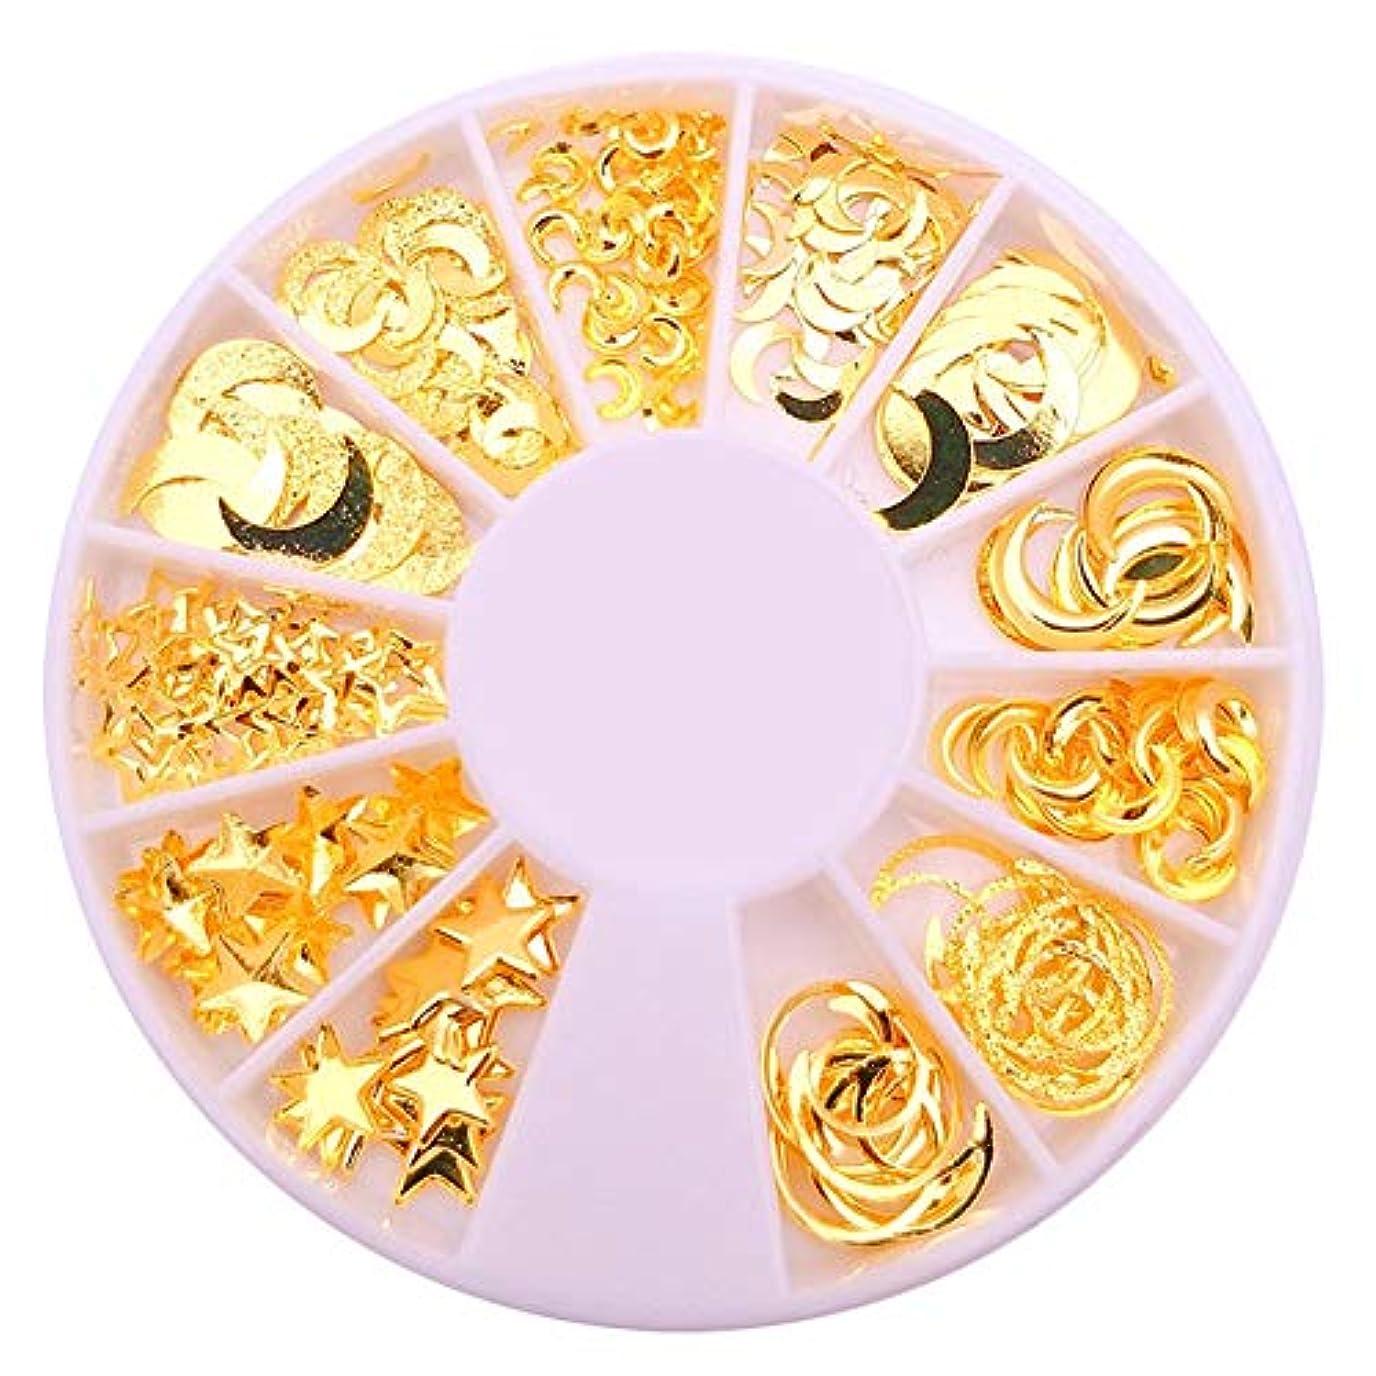 石鹸収束懺悔XINZII 3Dネイルシール ネイルアートステッカー ネイル用品 3Dネイルデコレーション ネイルアートシール パーツサイズ 種類豊富ネイルアートパーツ (星、月)